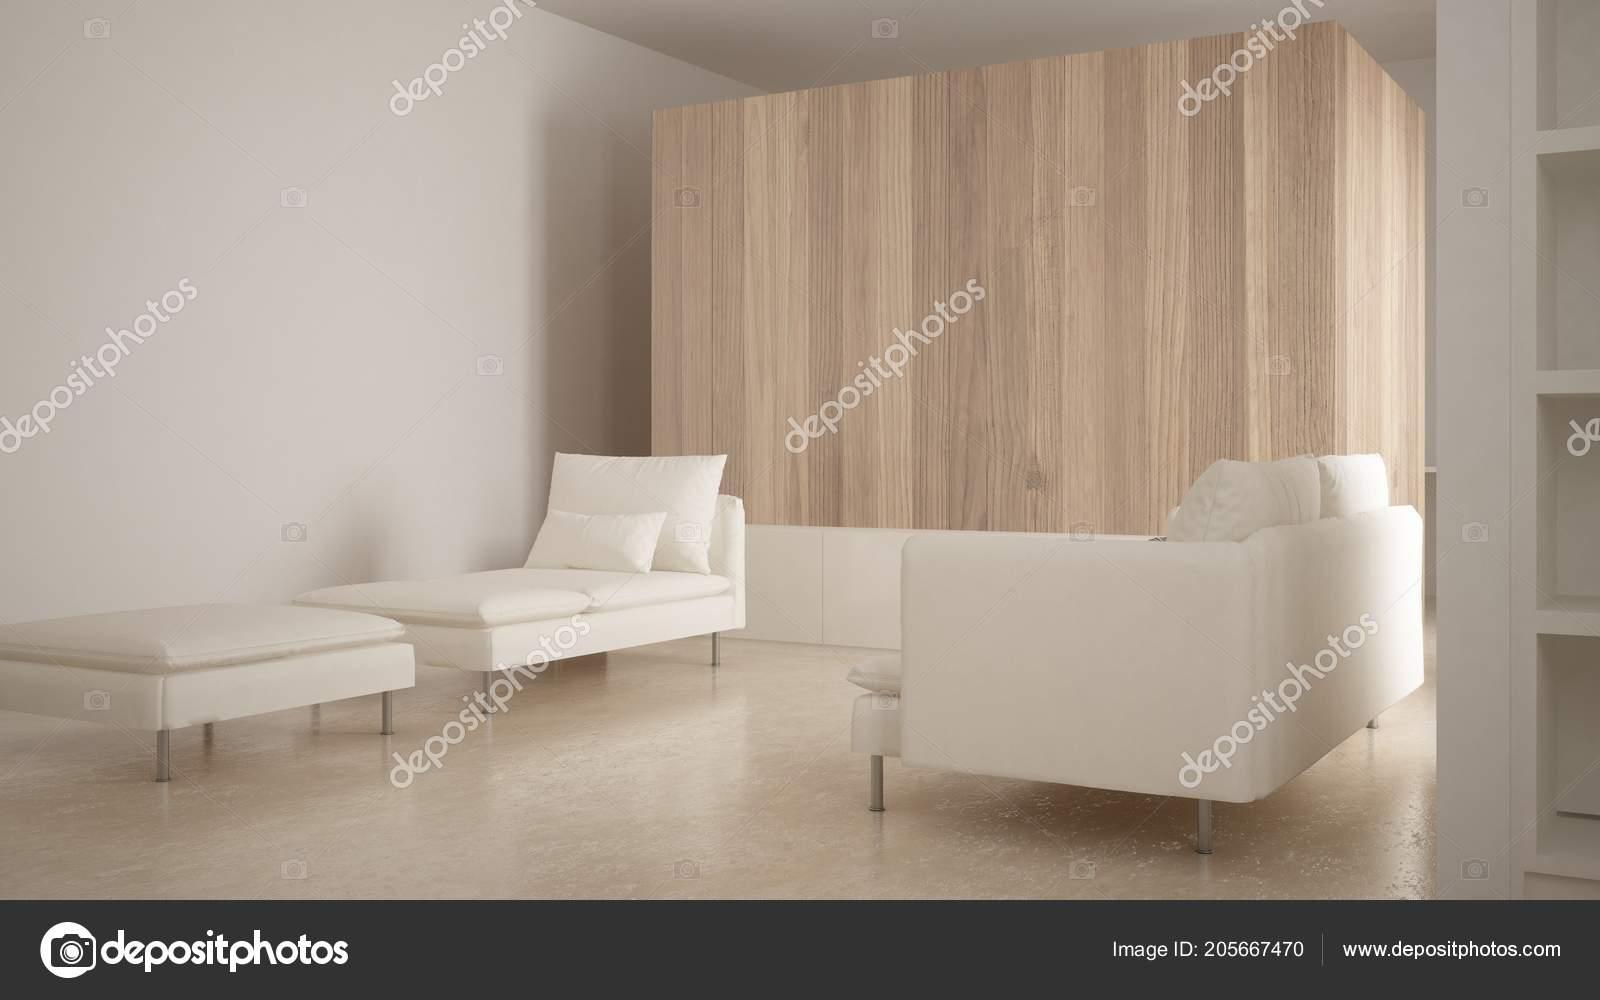 Moderne Avec Salle Minimalisme Canapé Mur Bois Longue Manger Chaise rthCsQd